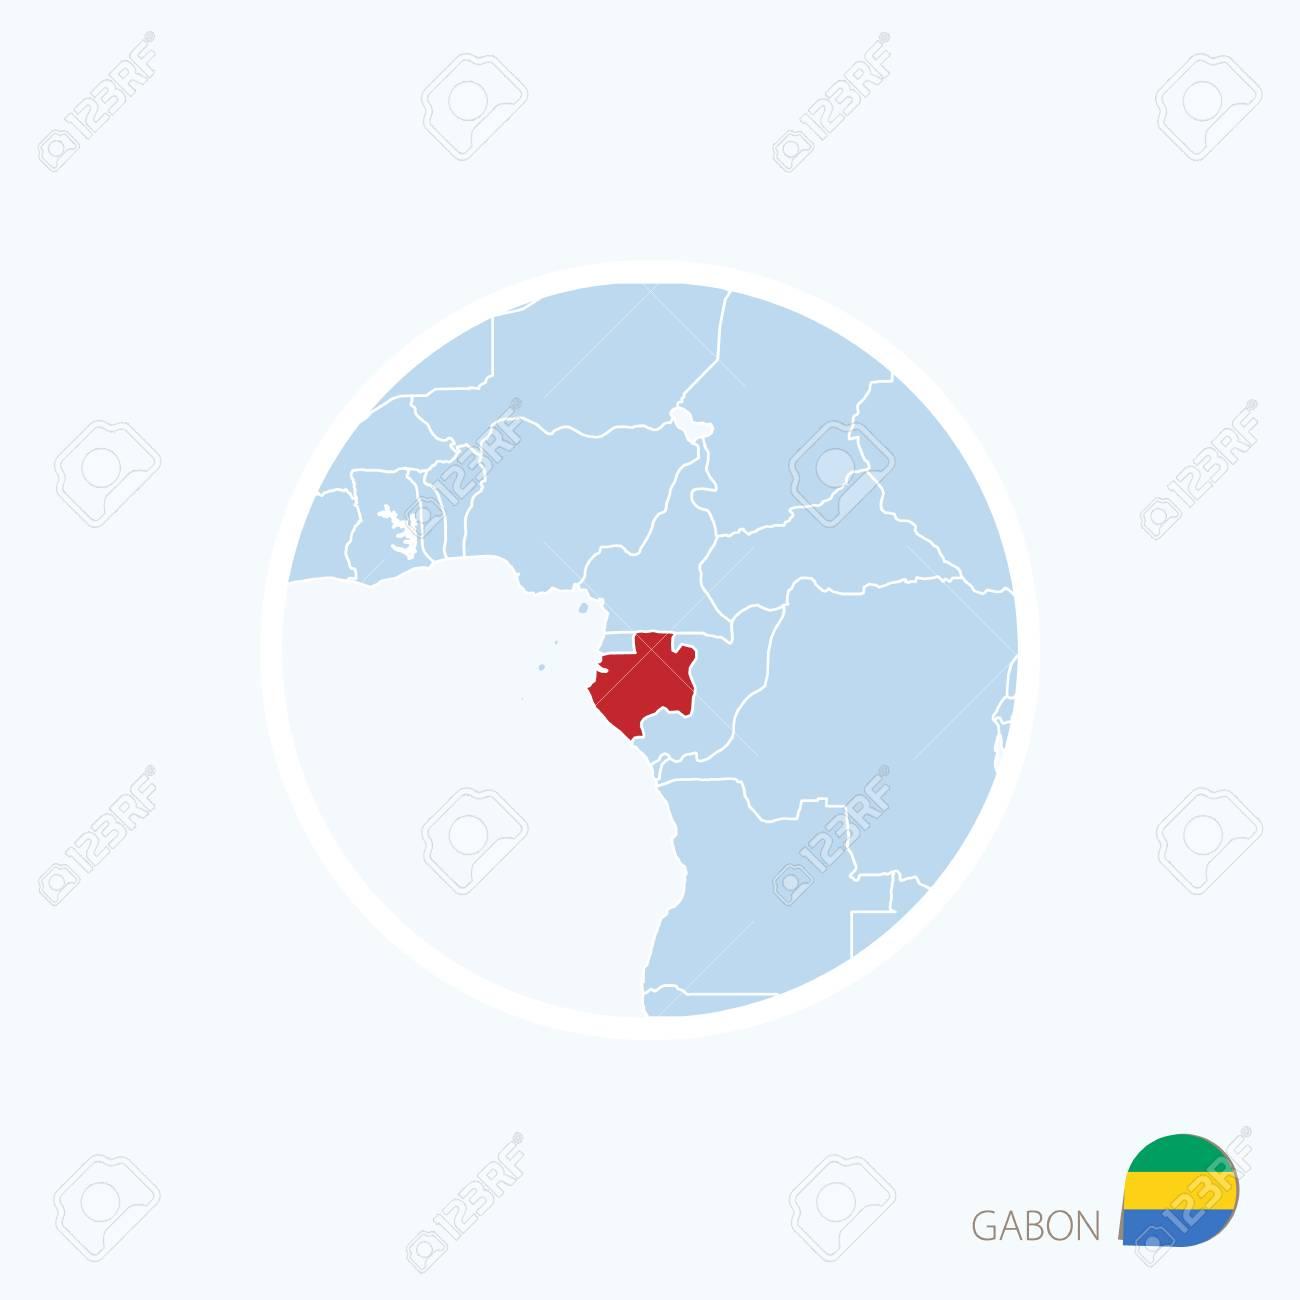 Icône De La Carte Du Gabon Carte Bleue De Lafrique Centrale Avec Le Gabon En Surbrillance En Couleur Rouge Illustration Vectorielle